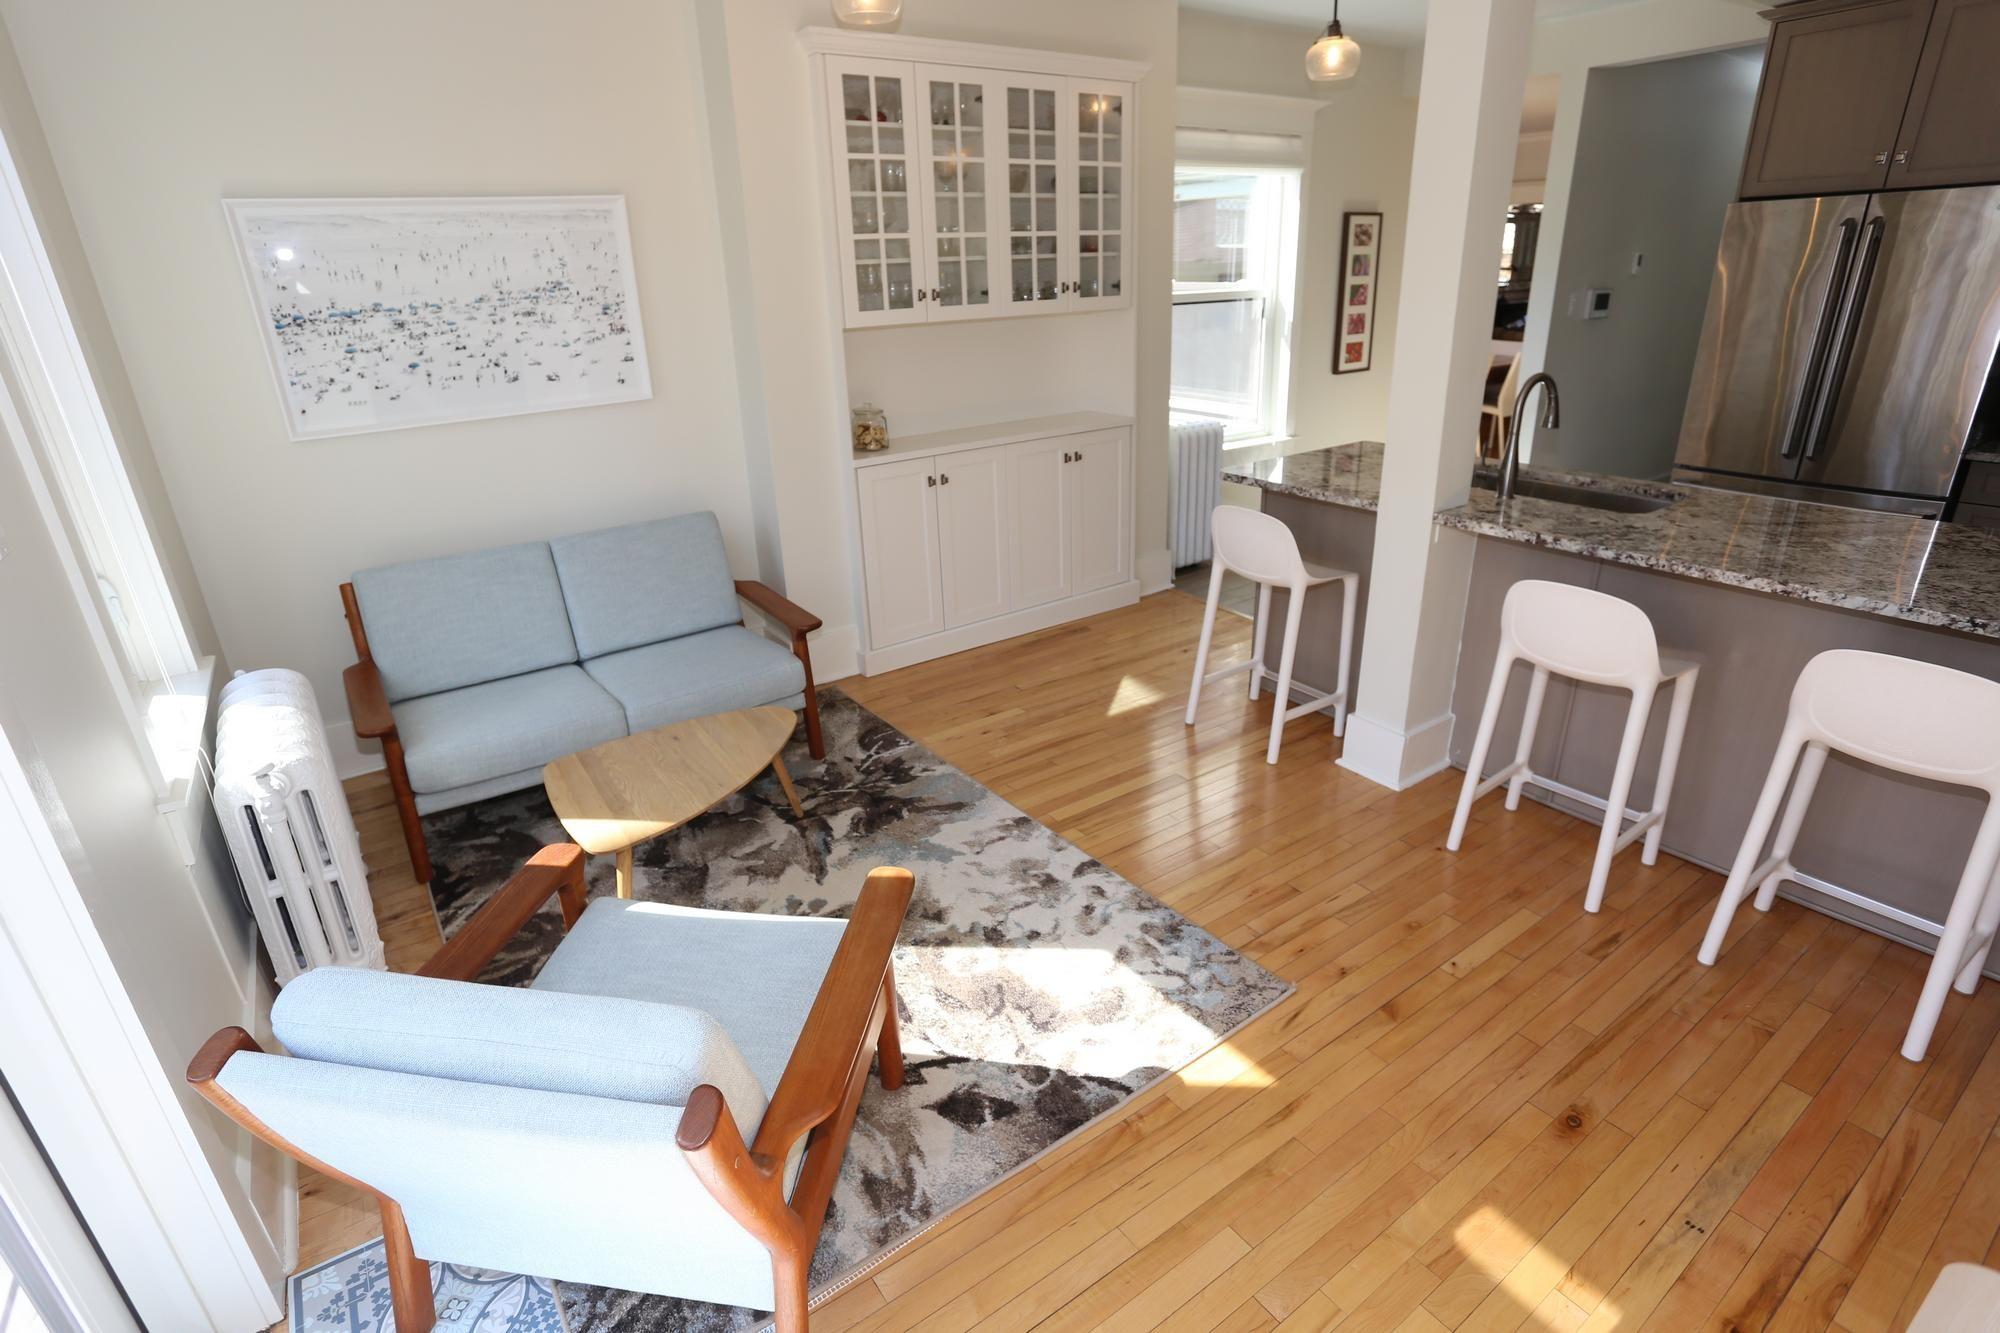 Photo 27: Photos: 121 Ruby Street in Winnipeg: Wolseley Single Family Detached for sale (5B)  : MLS®# 1808798